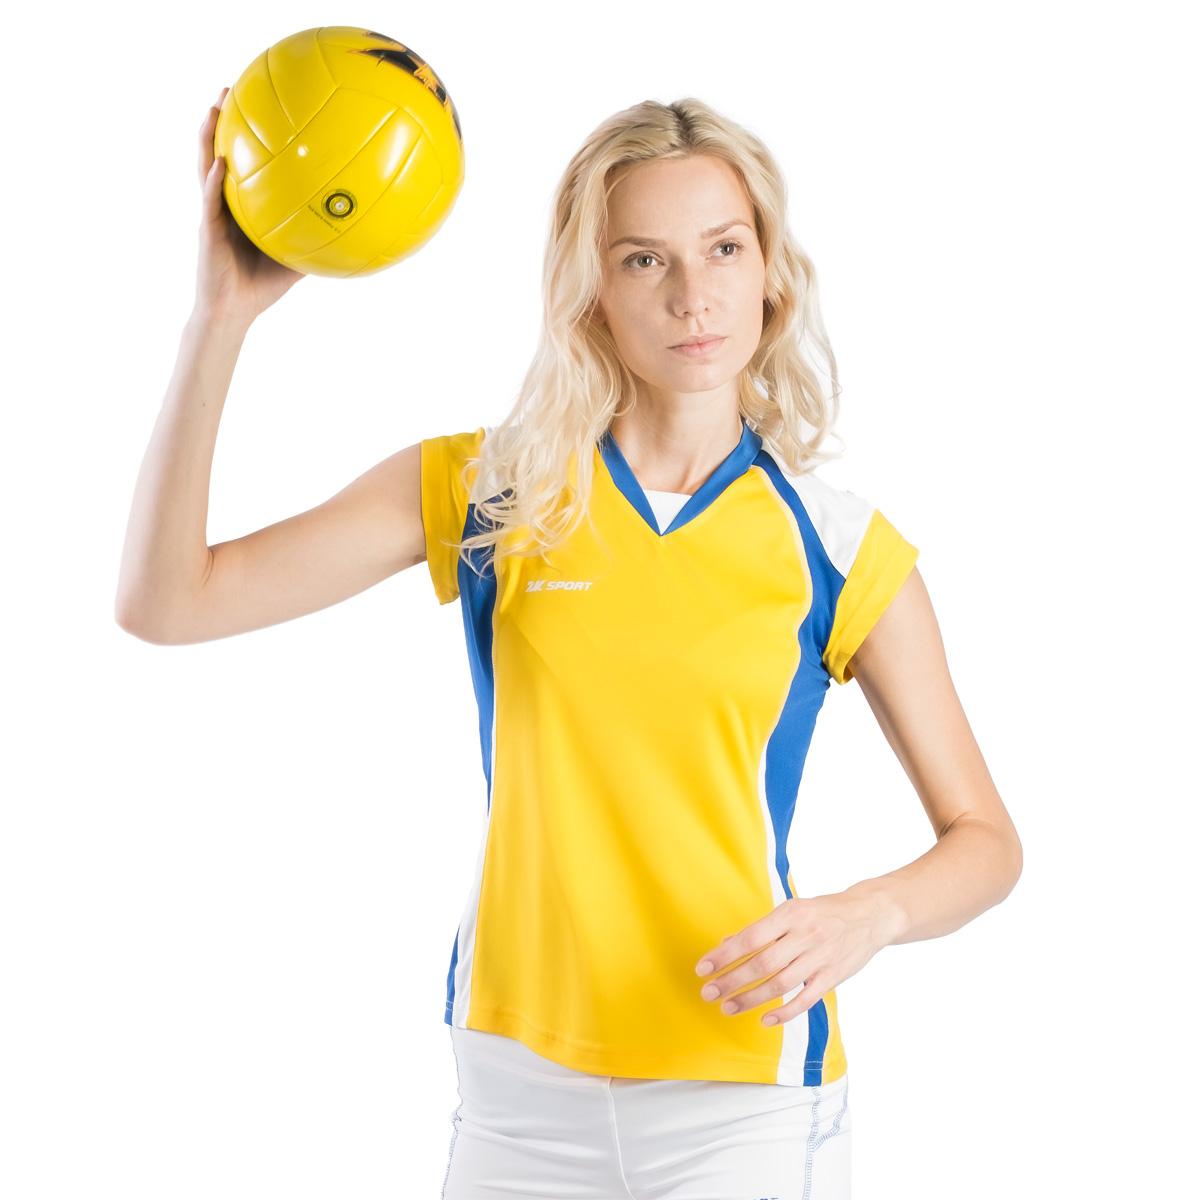 Футболка волейбольная женская 2K Sport Energy, цвет:  желтый, синий, белый.  140042.  Размер L (46/48) 2K Sport